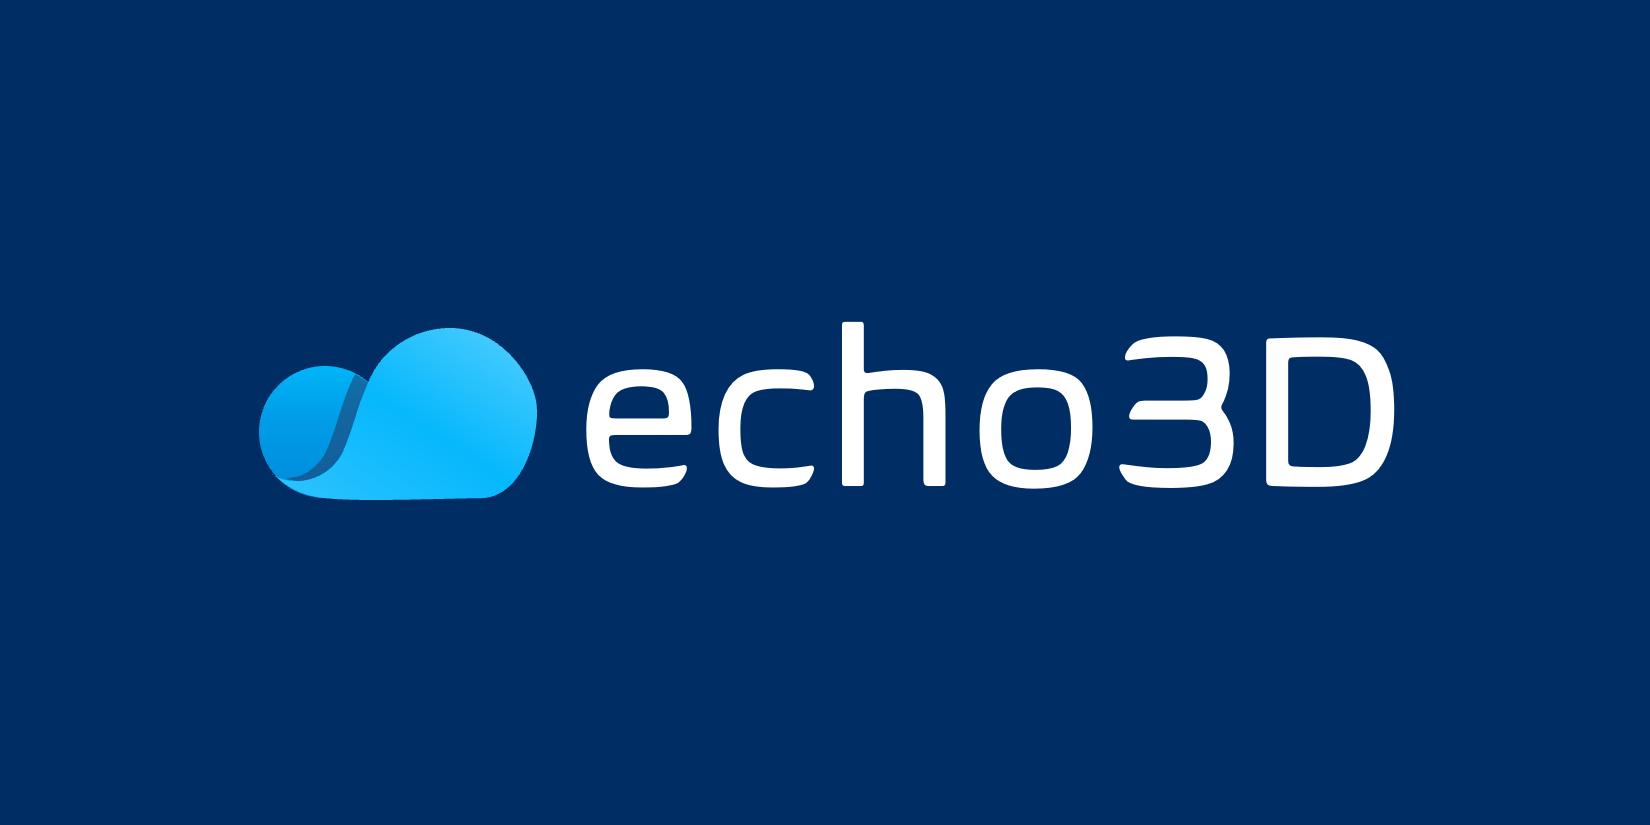 echo3d